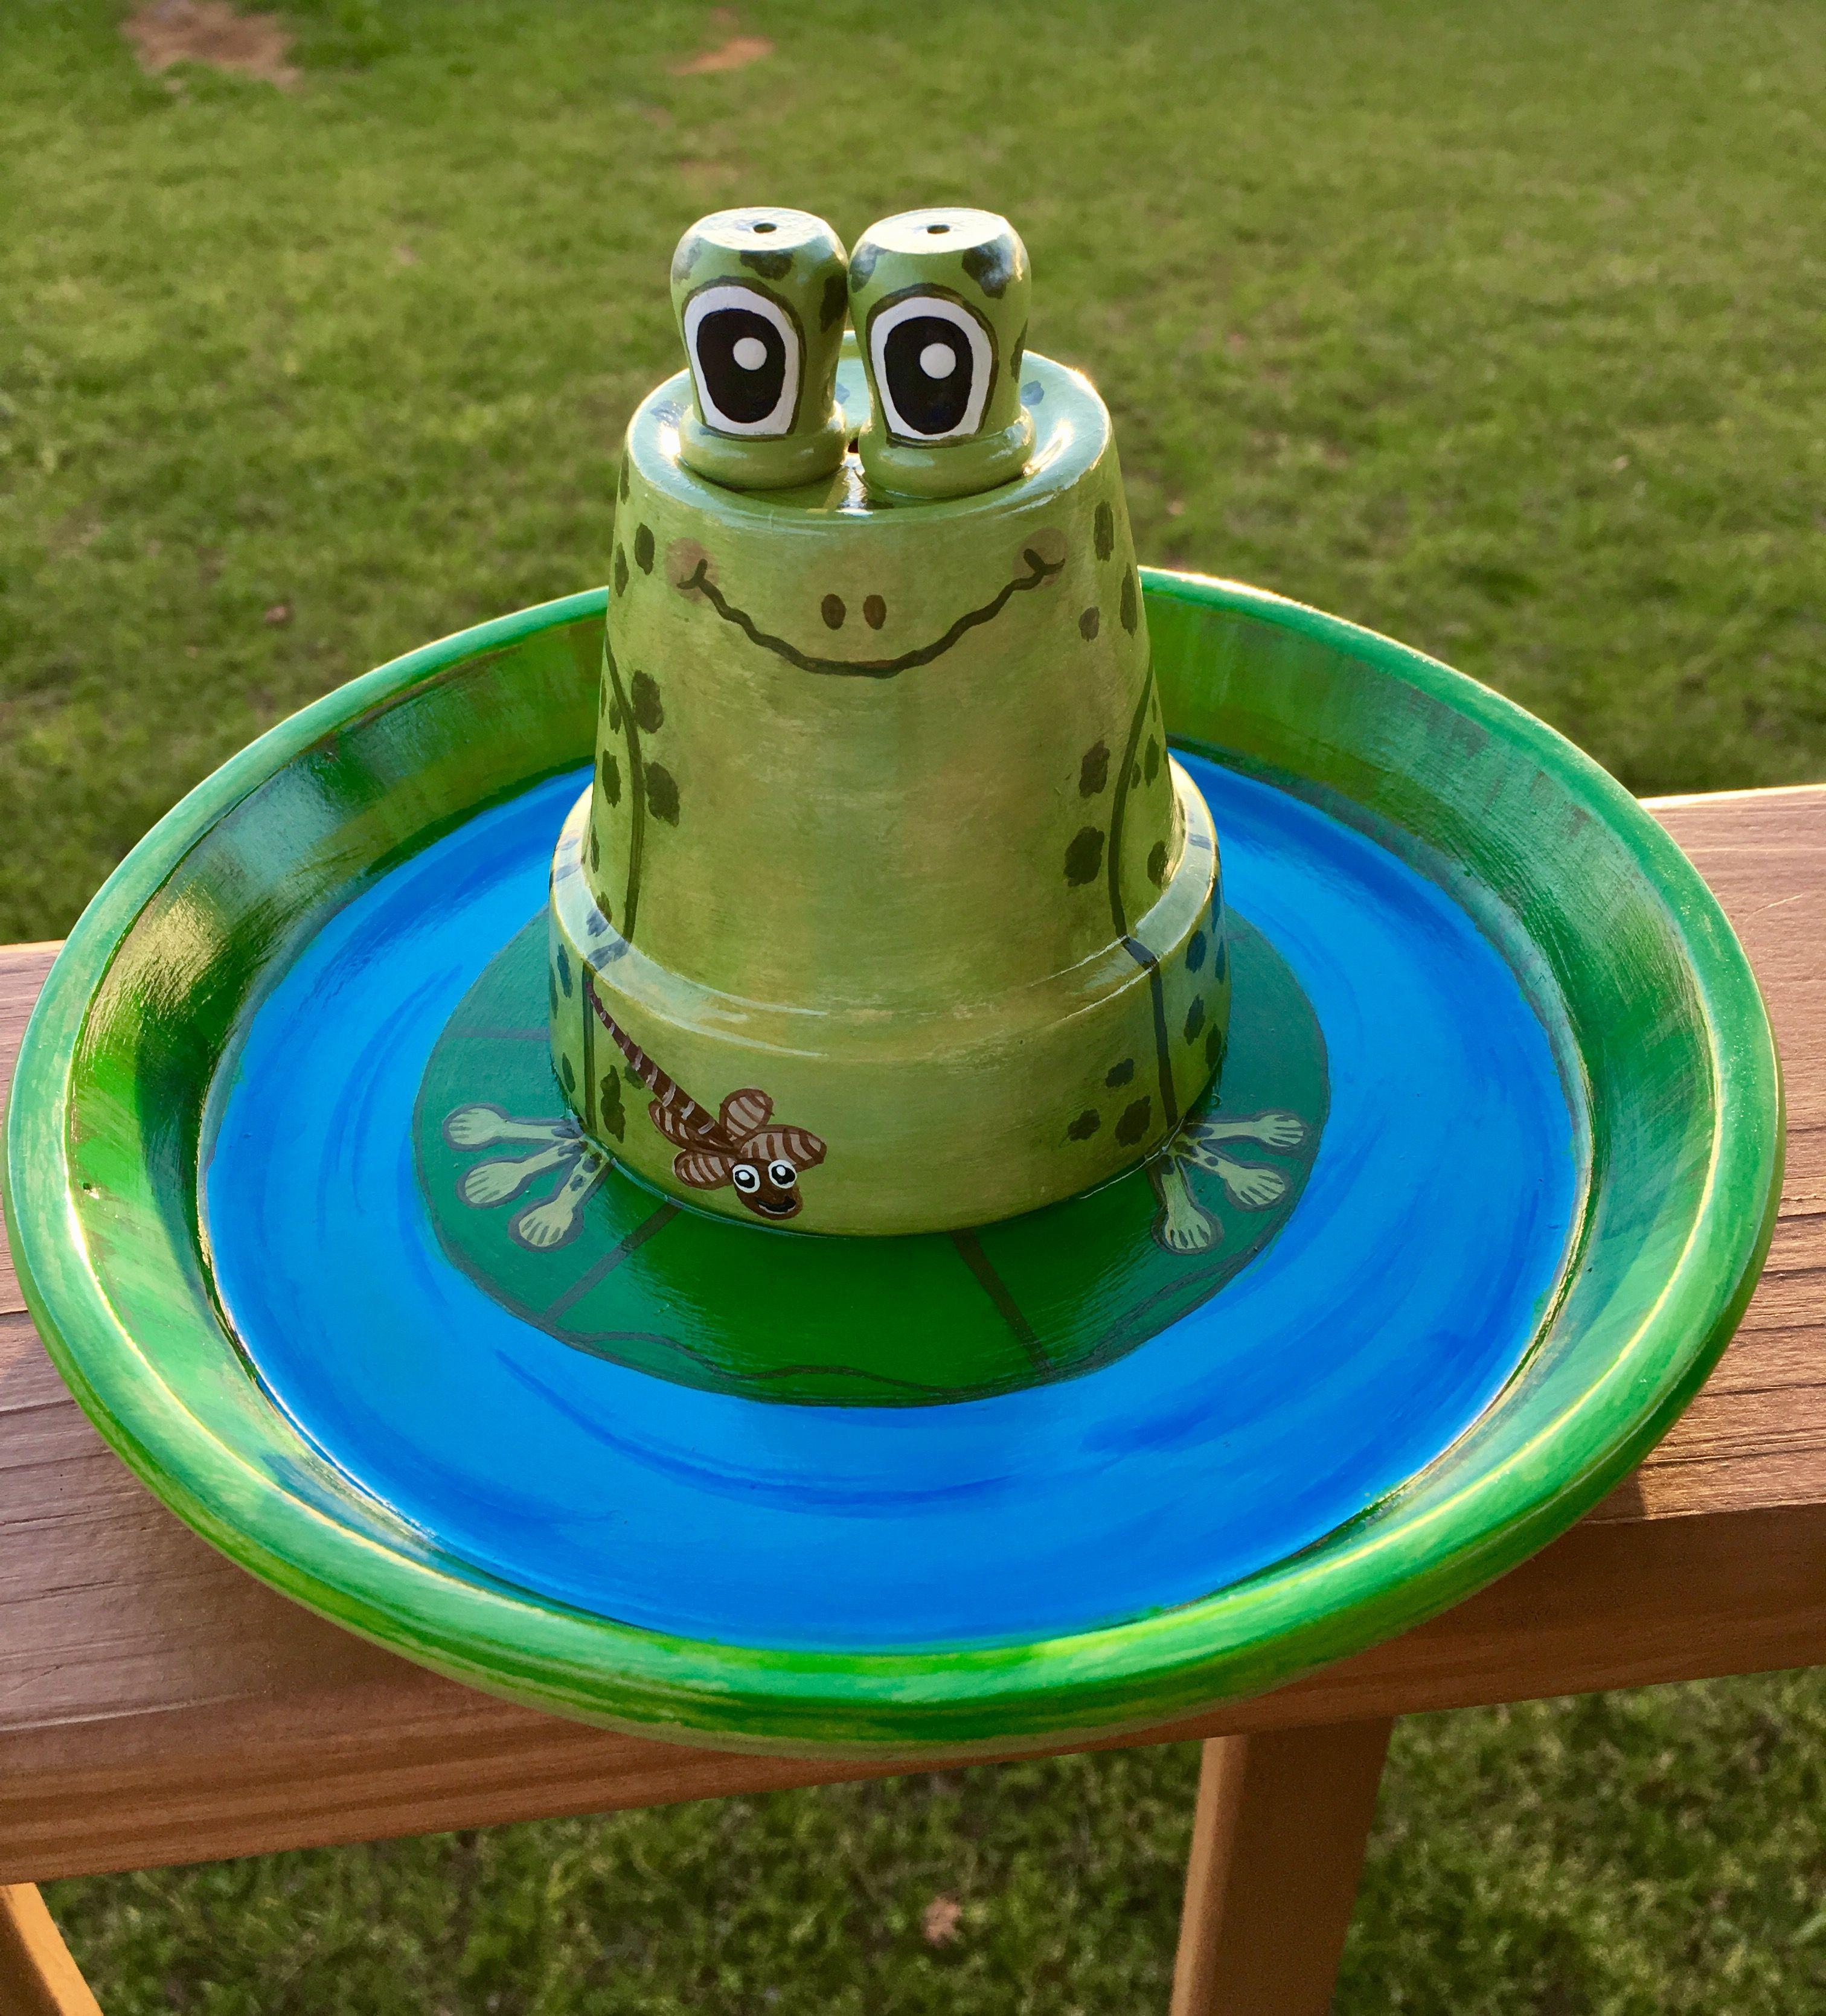 Flower Pot Frog in a Pond   Flower pot people, Flower pots ...